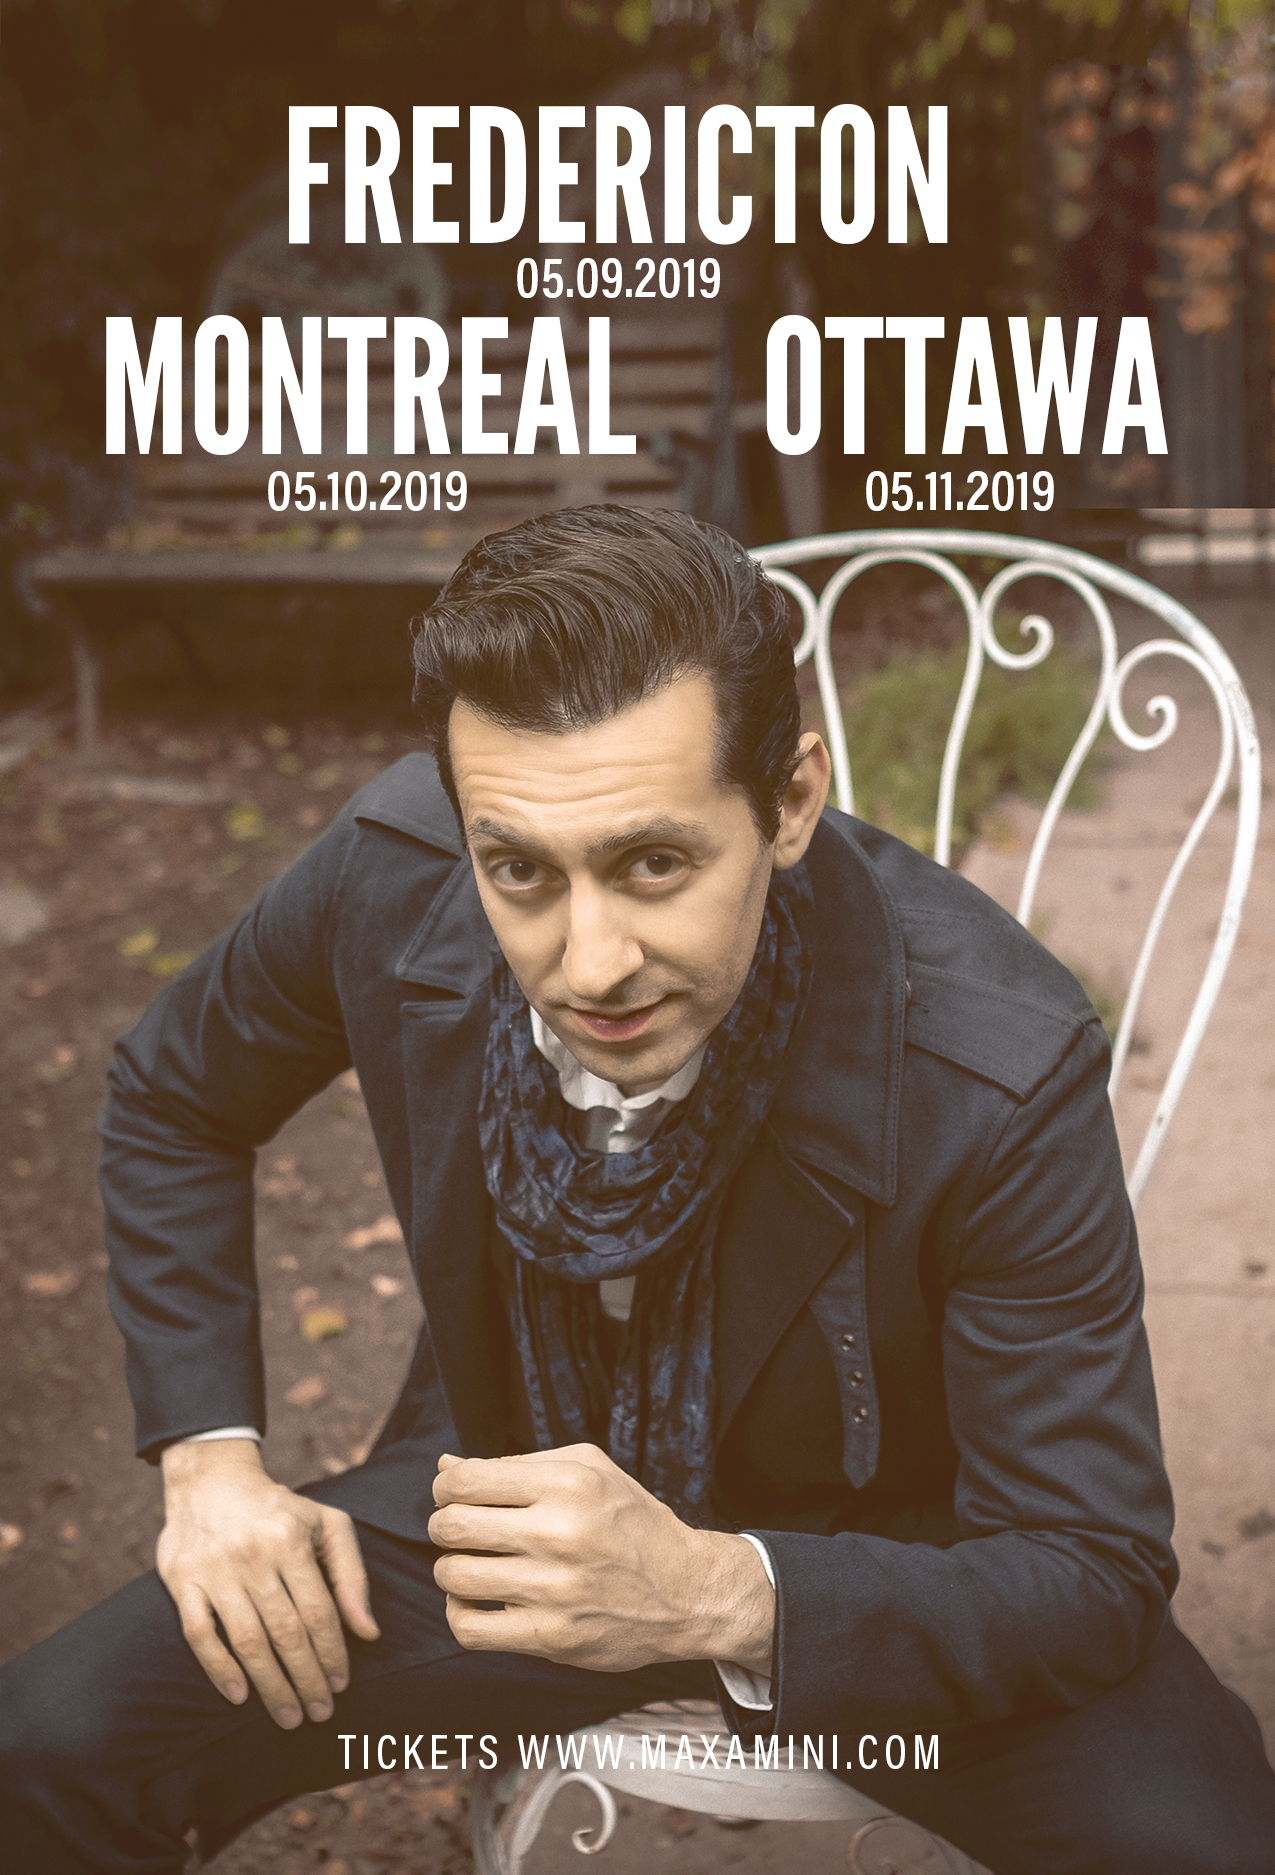 Fredericton_Ottawa_Montreal_4x6_1.jpg